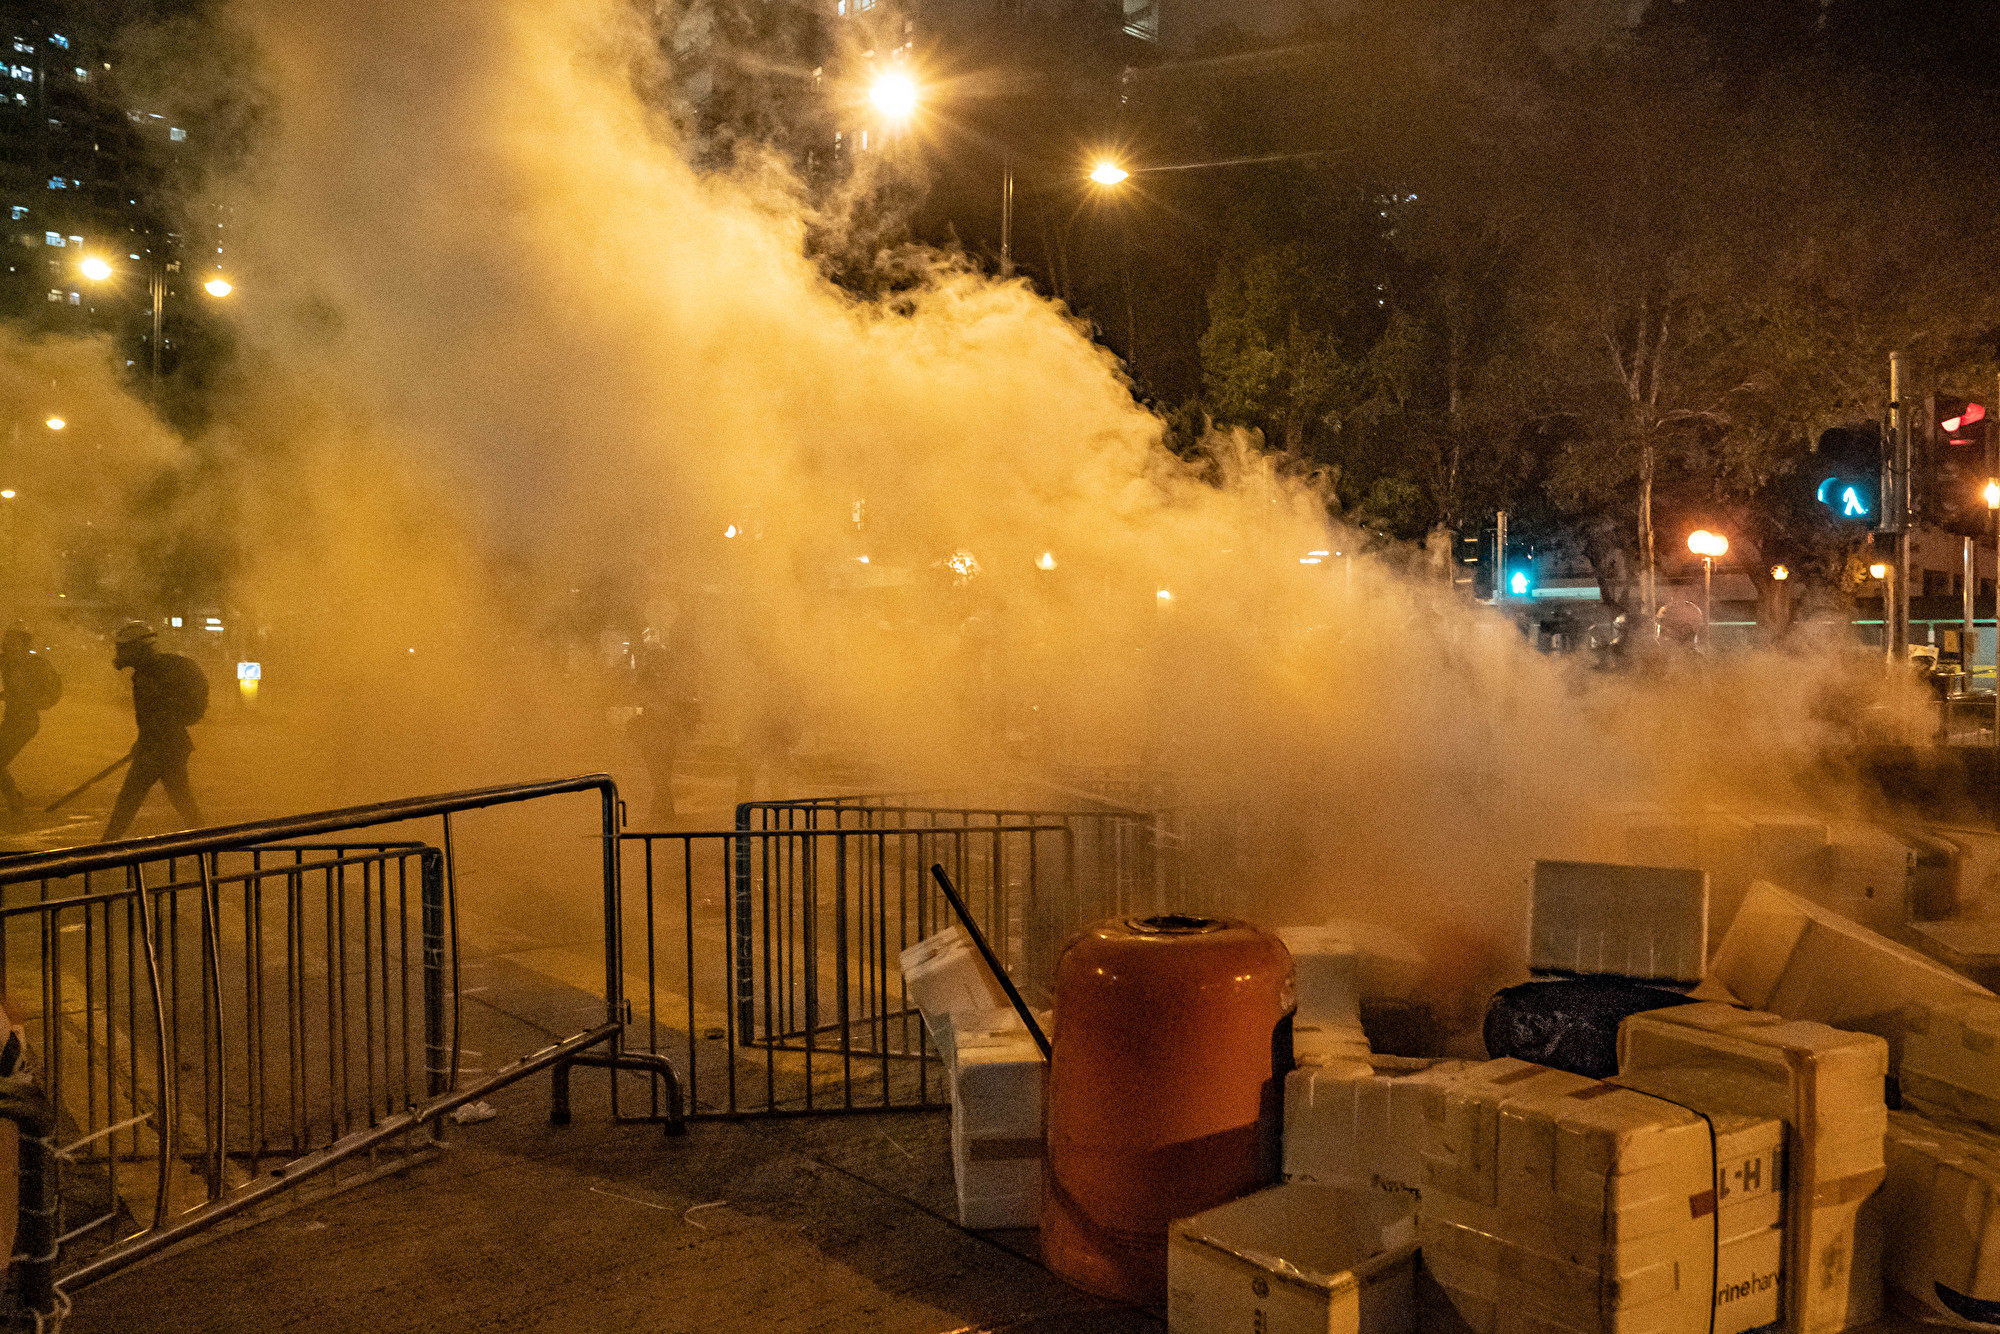 2019年8月11日,警方在香港葵芳區施放催淚彈形成的煙霧。(Anthony Kwan/Getty Images)